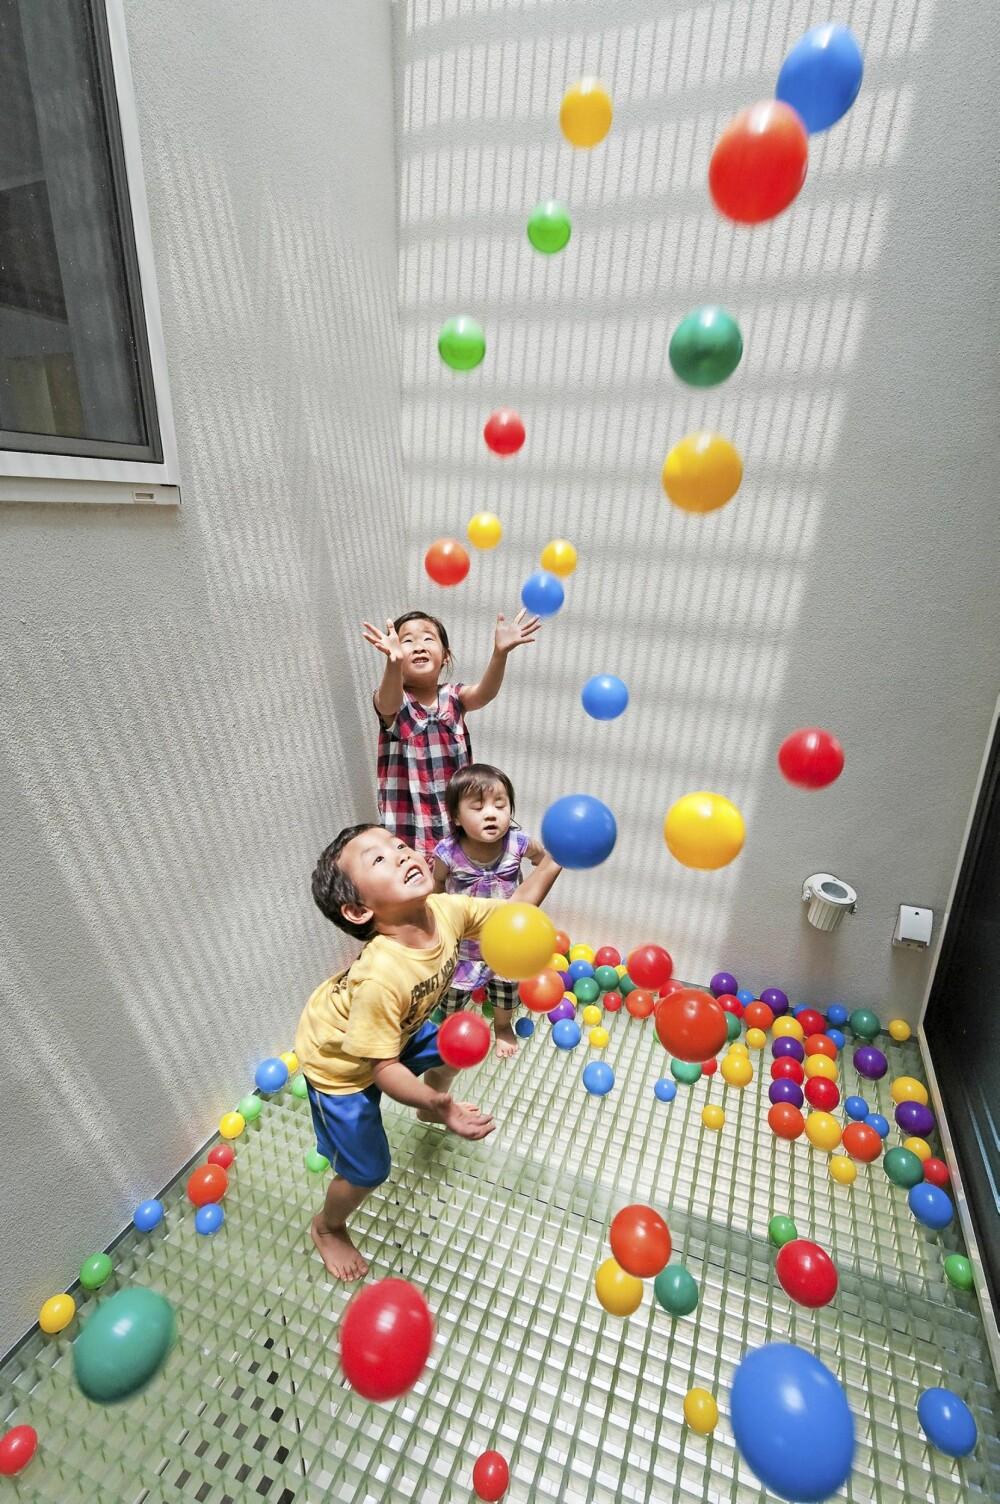 LEKFULLT: Et rom med baller har det også fått plass, til stor glede for barna.